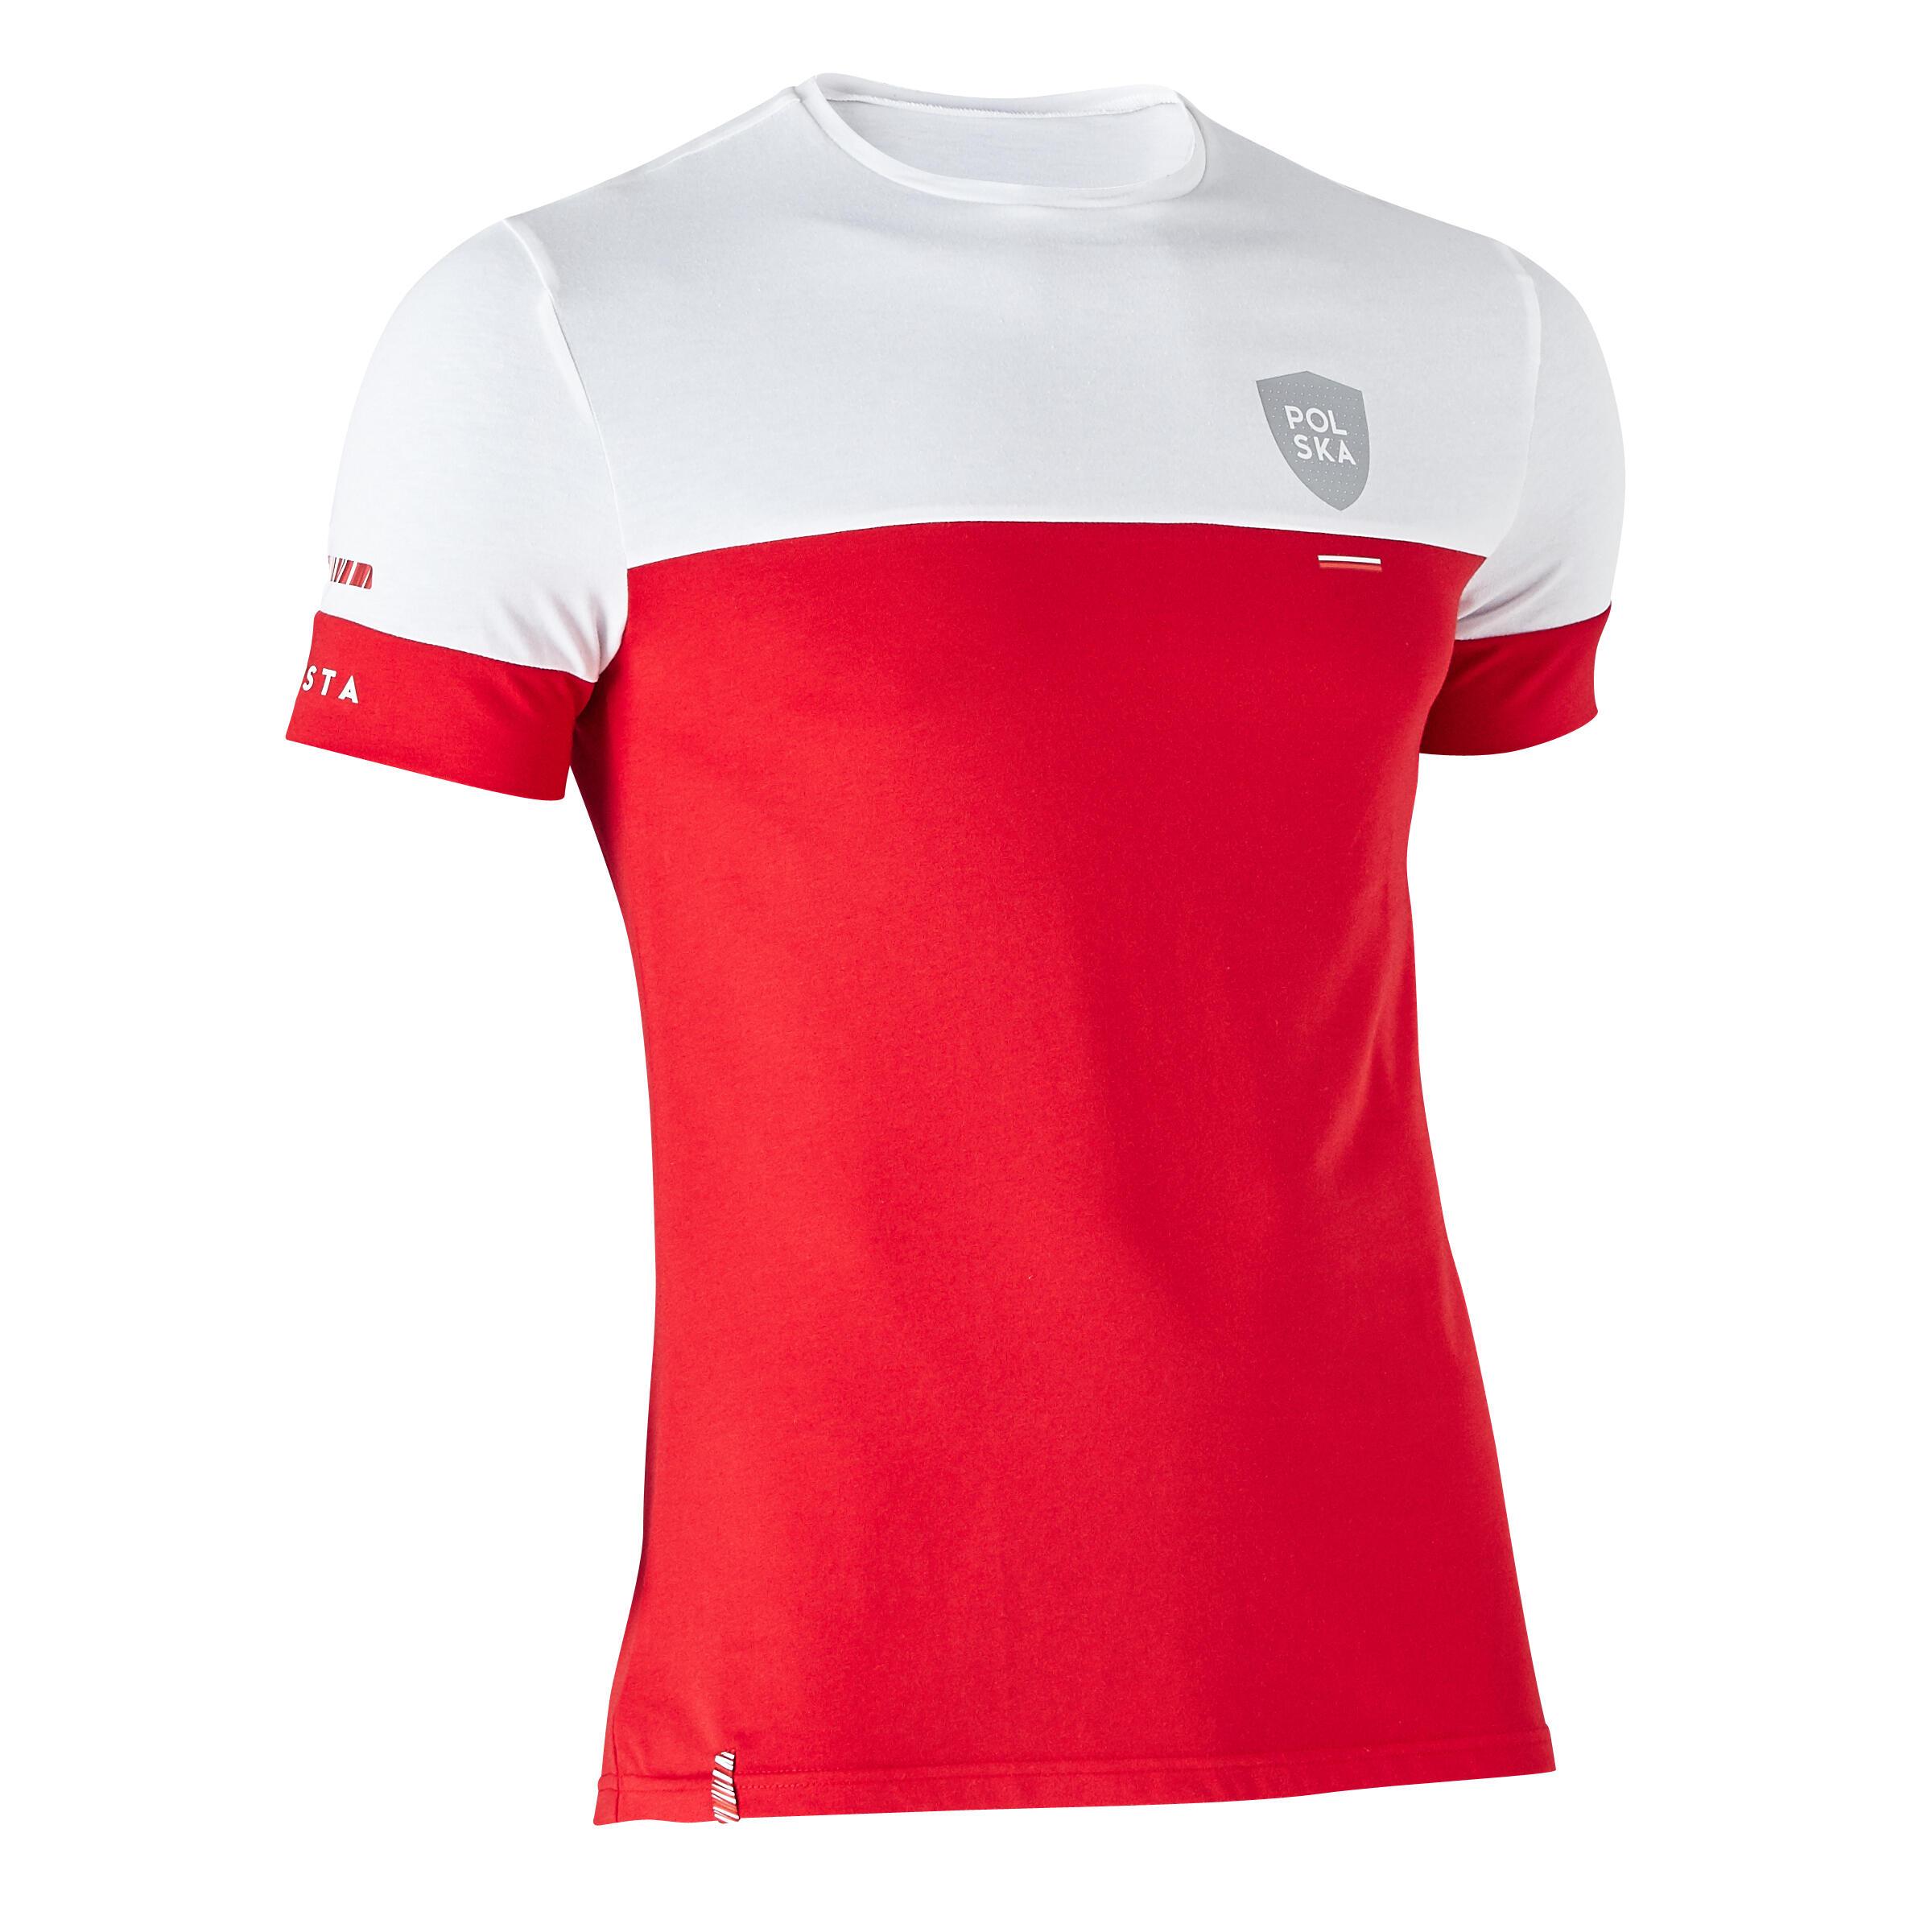 Camisetas Oficiales Selecciones Fútbol 2018  60d52dee6bfa8